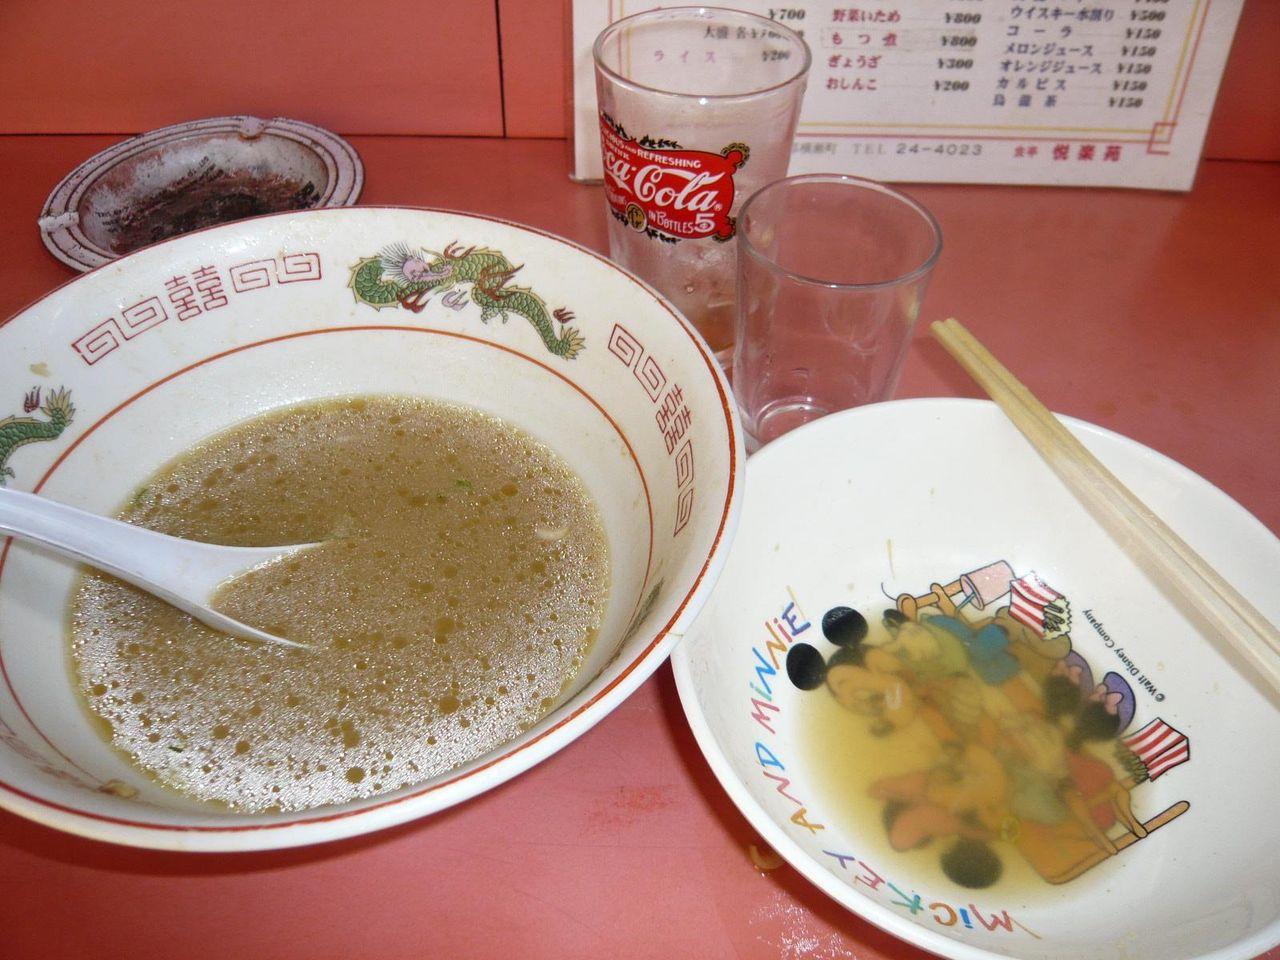 スープがしょっぱいので、むちゃくちゃノドが乾きます!